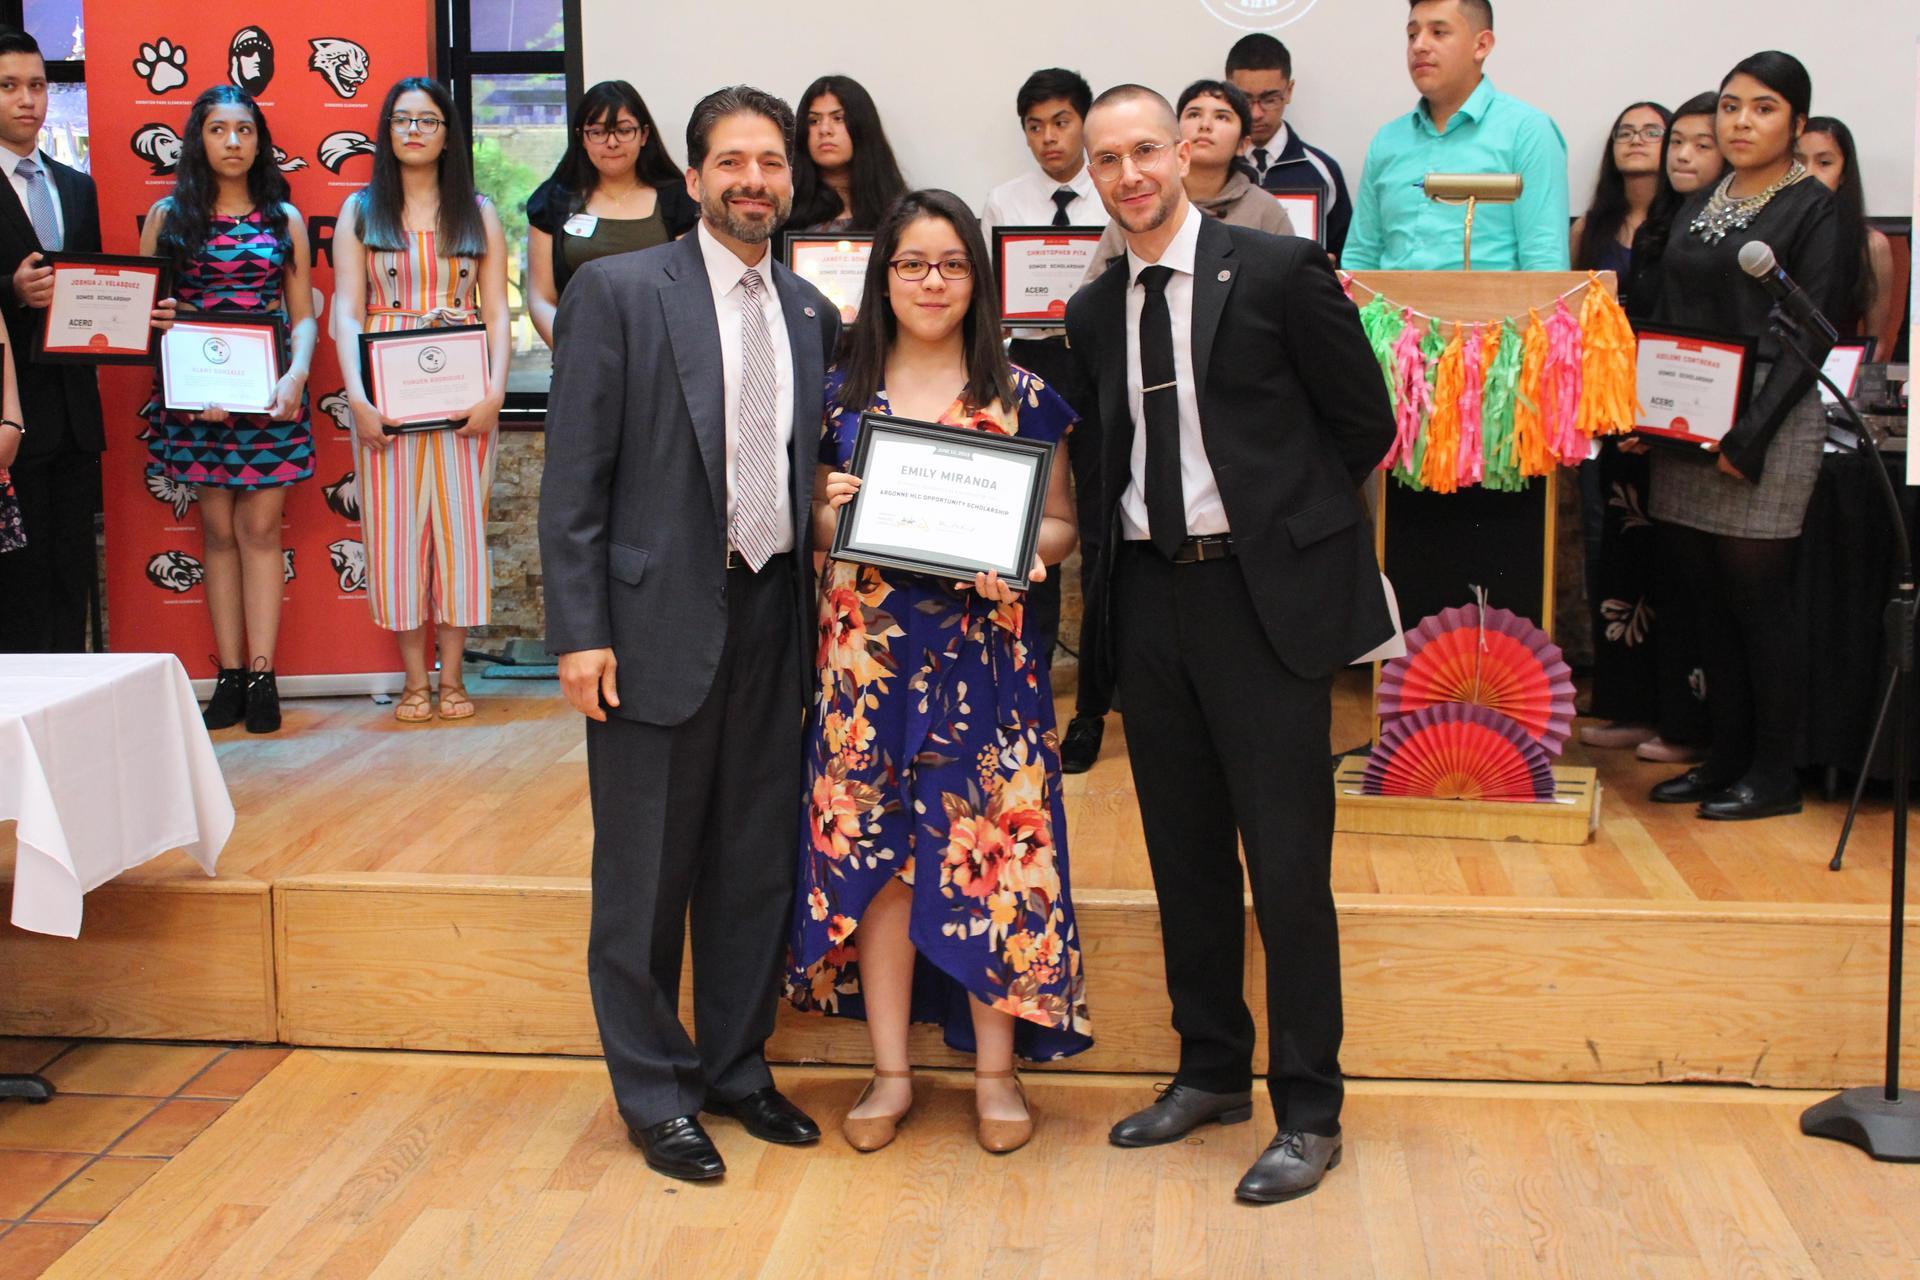 scholarship winner pictures